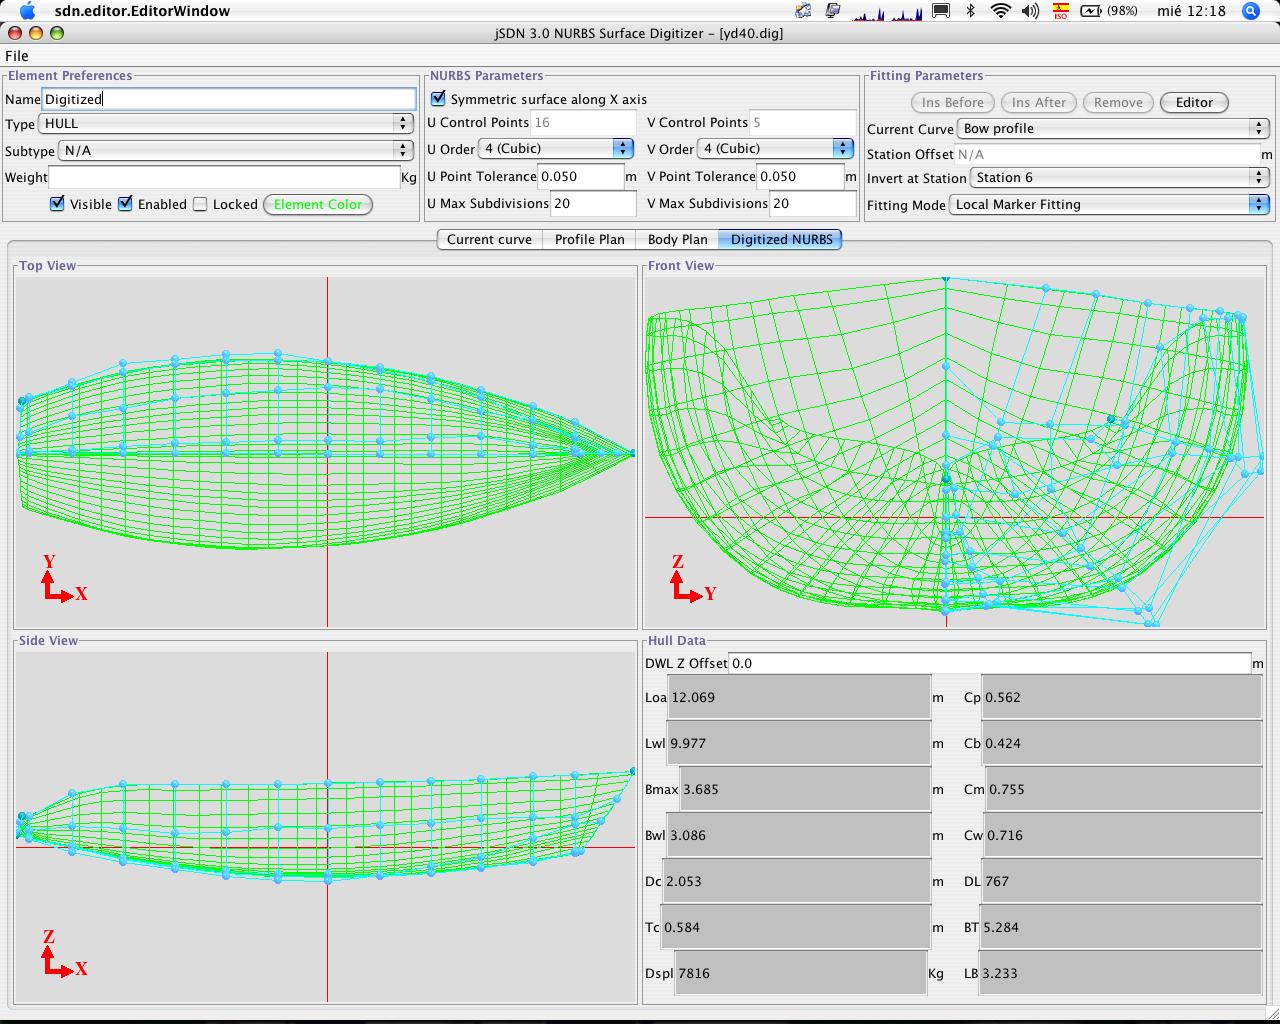 Yacht design progettazione nautica jsdn software per for Programmi per designer